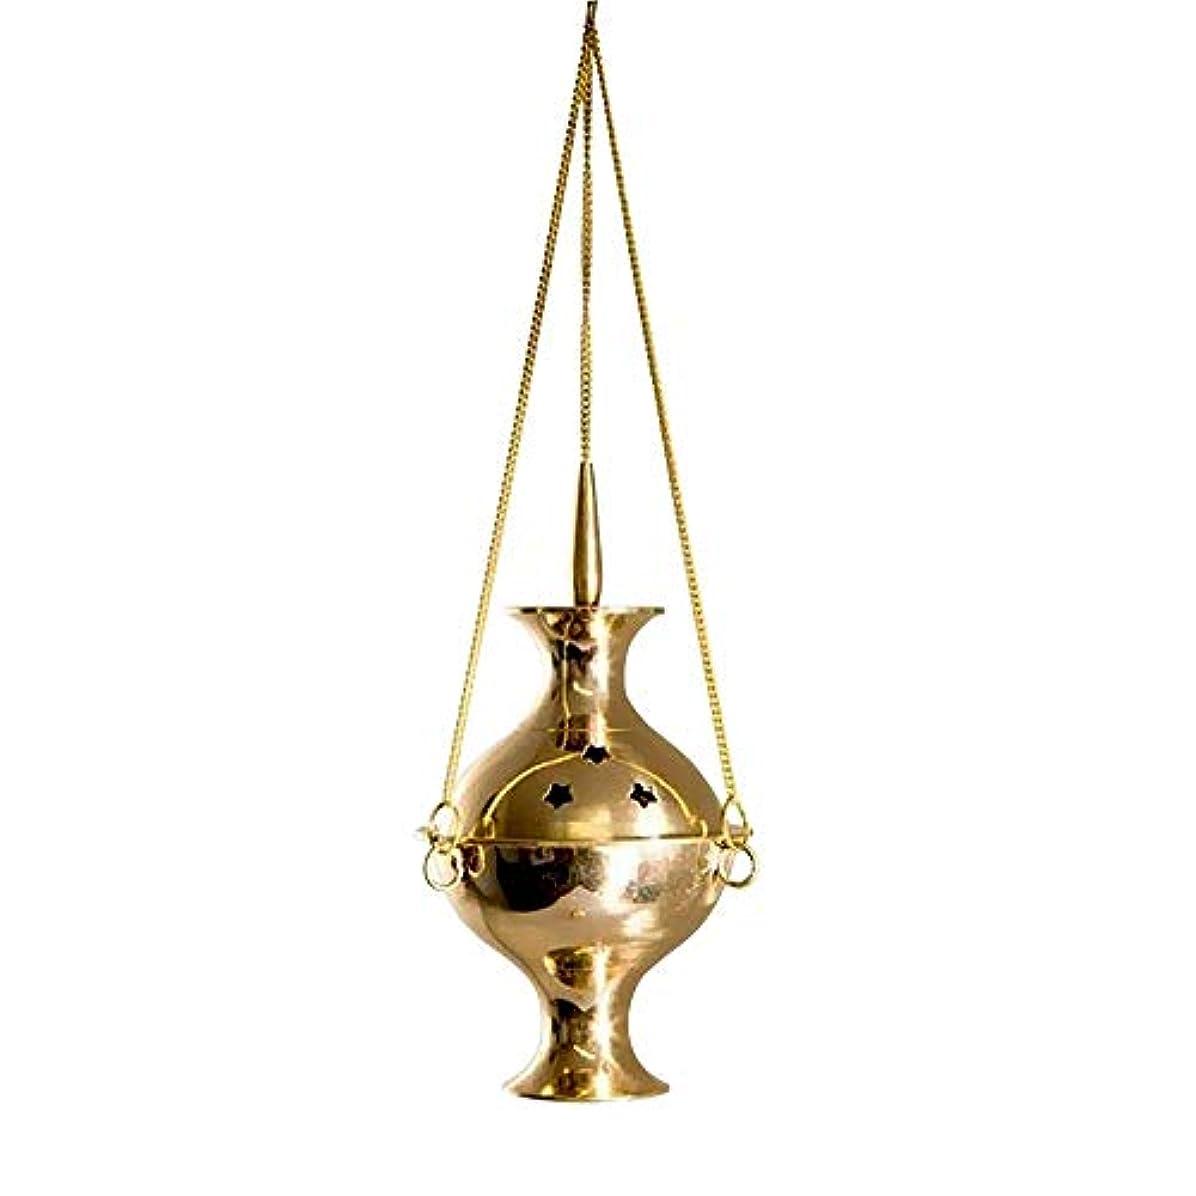 男性そっとアナリストカトリック香炉 吊り下げ式香炉 チャコール 6インチ 真鍮 吊り下げ 香炉 炭 香炉 バーナー 真鍮製 輝く仕上げで適切な燃焼に役立ちます。